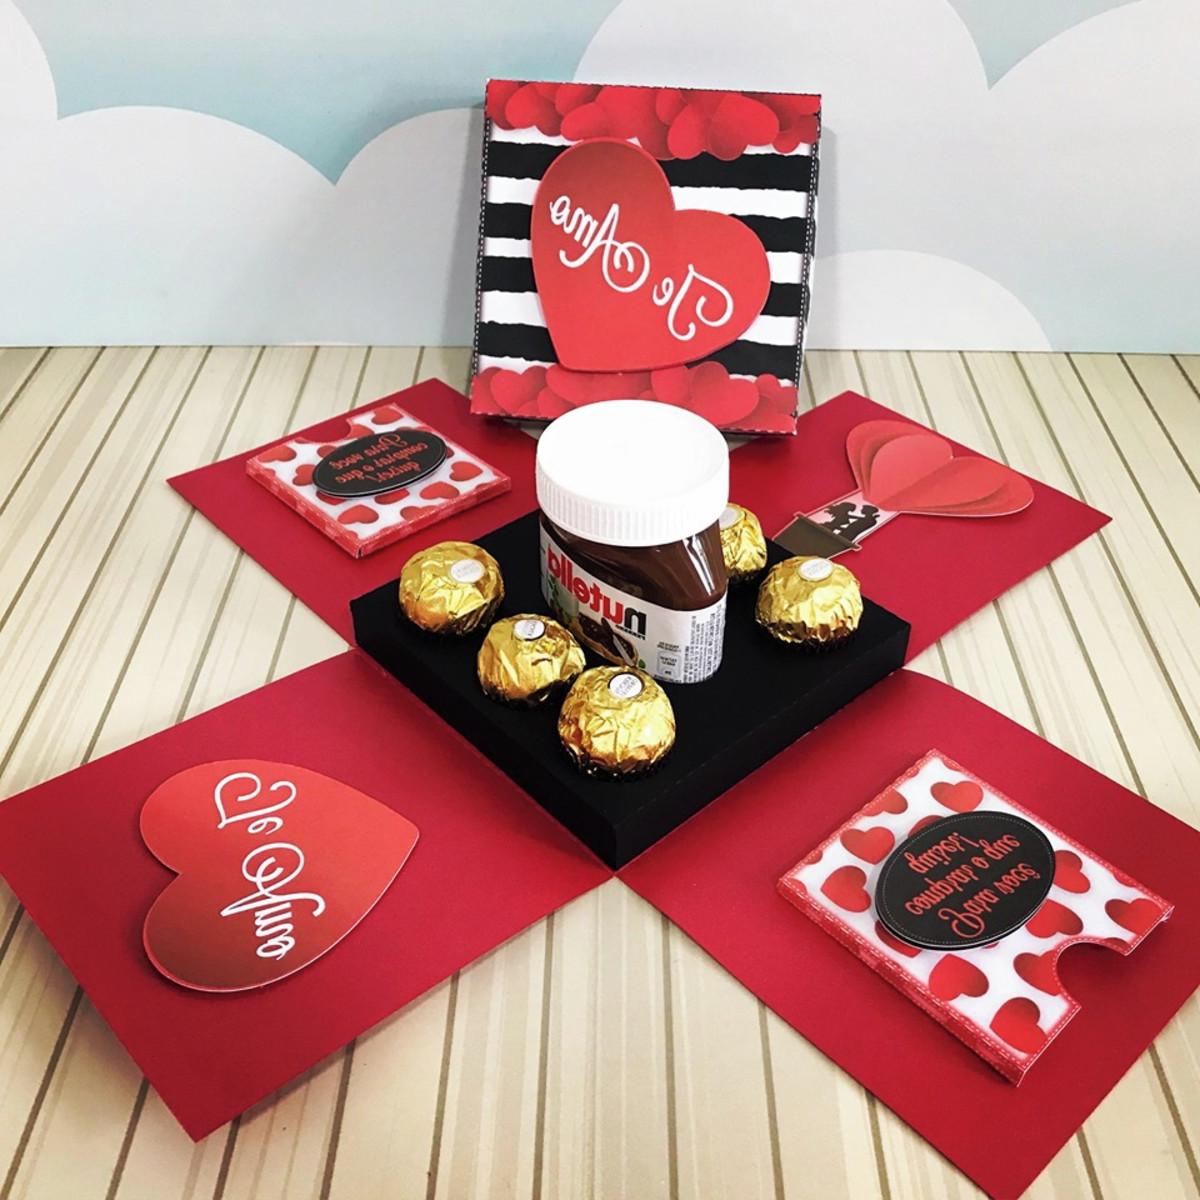 Boîte de Nutella à la main pour la Saint-Valentin